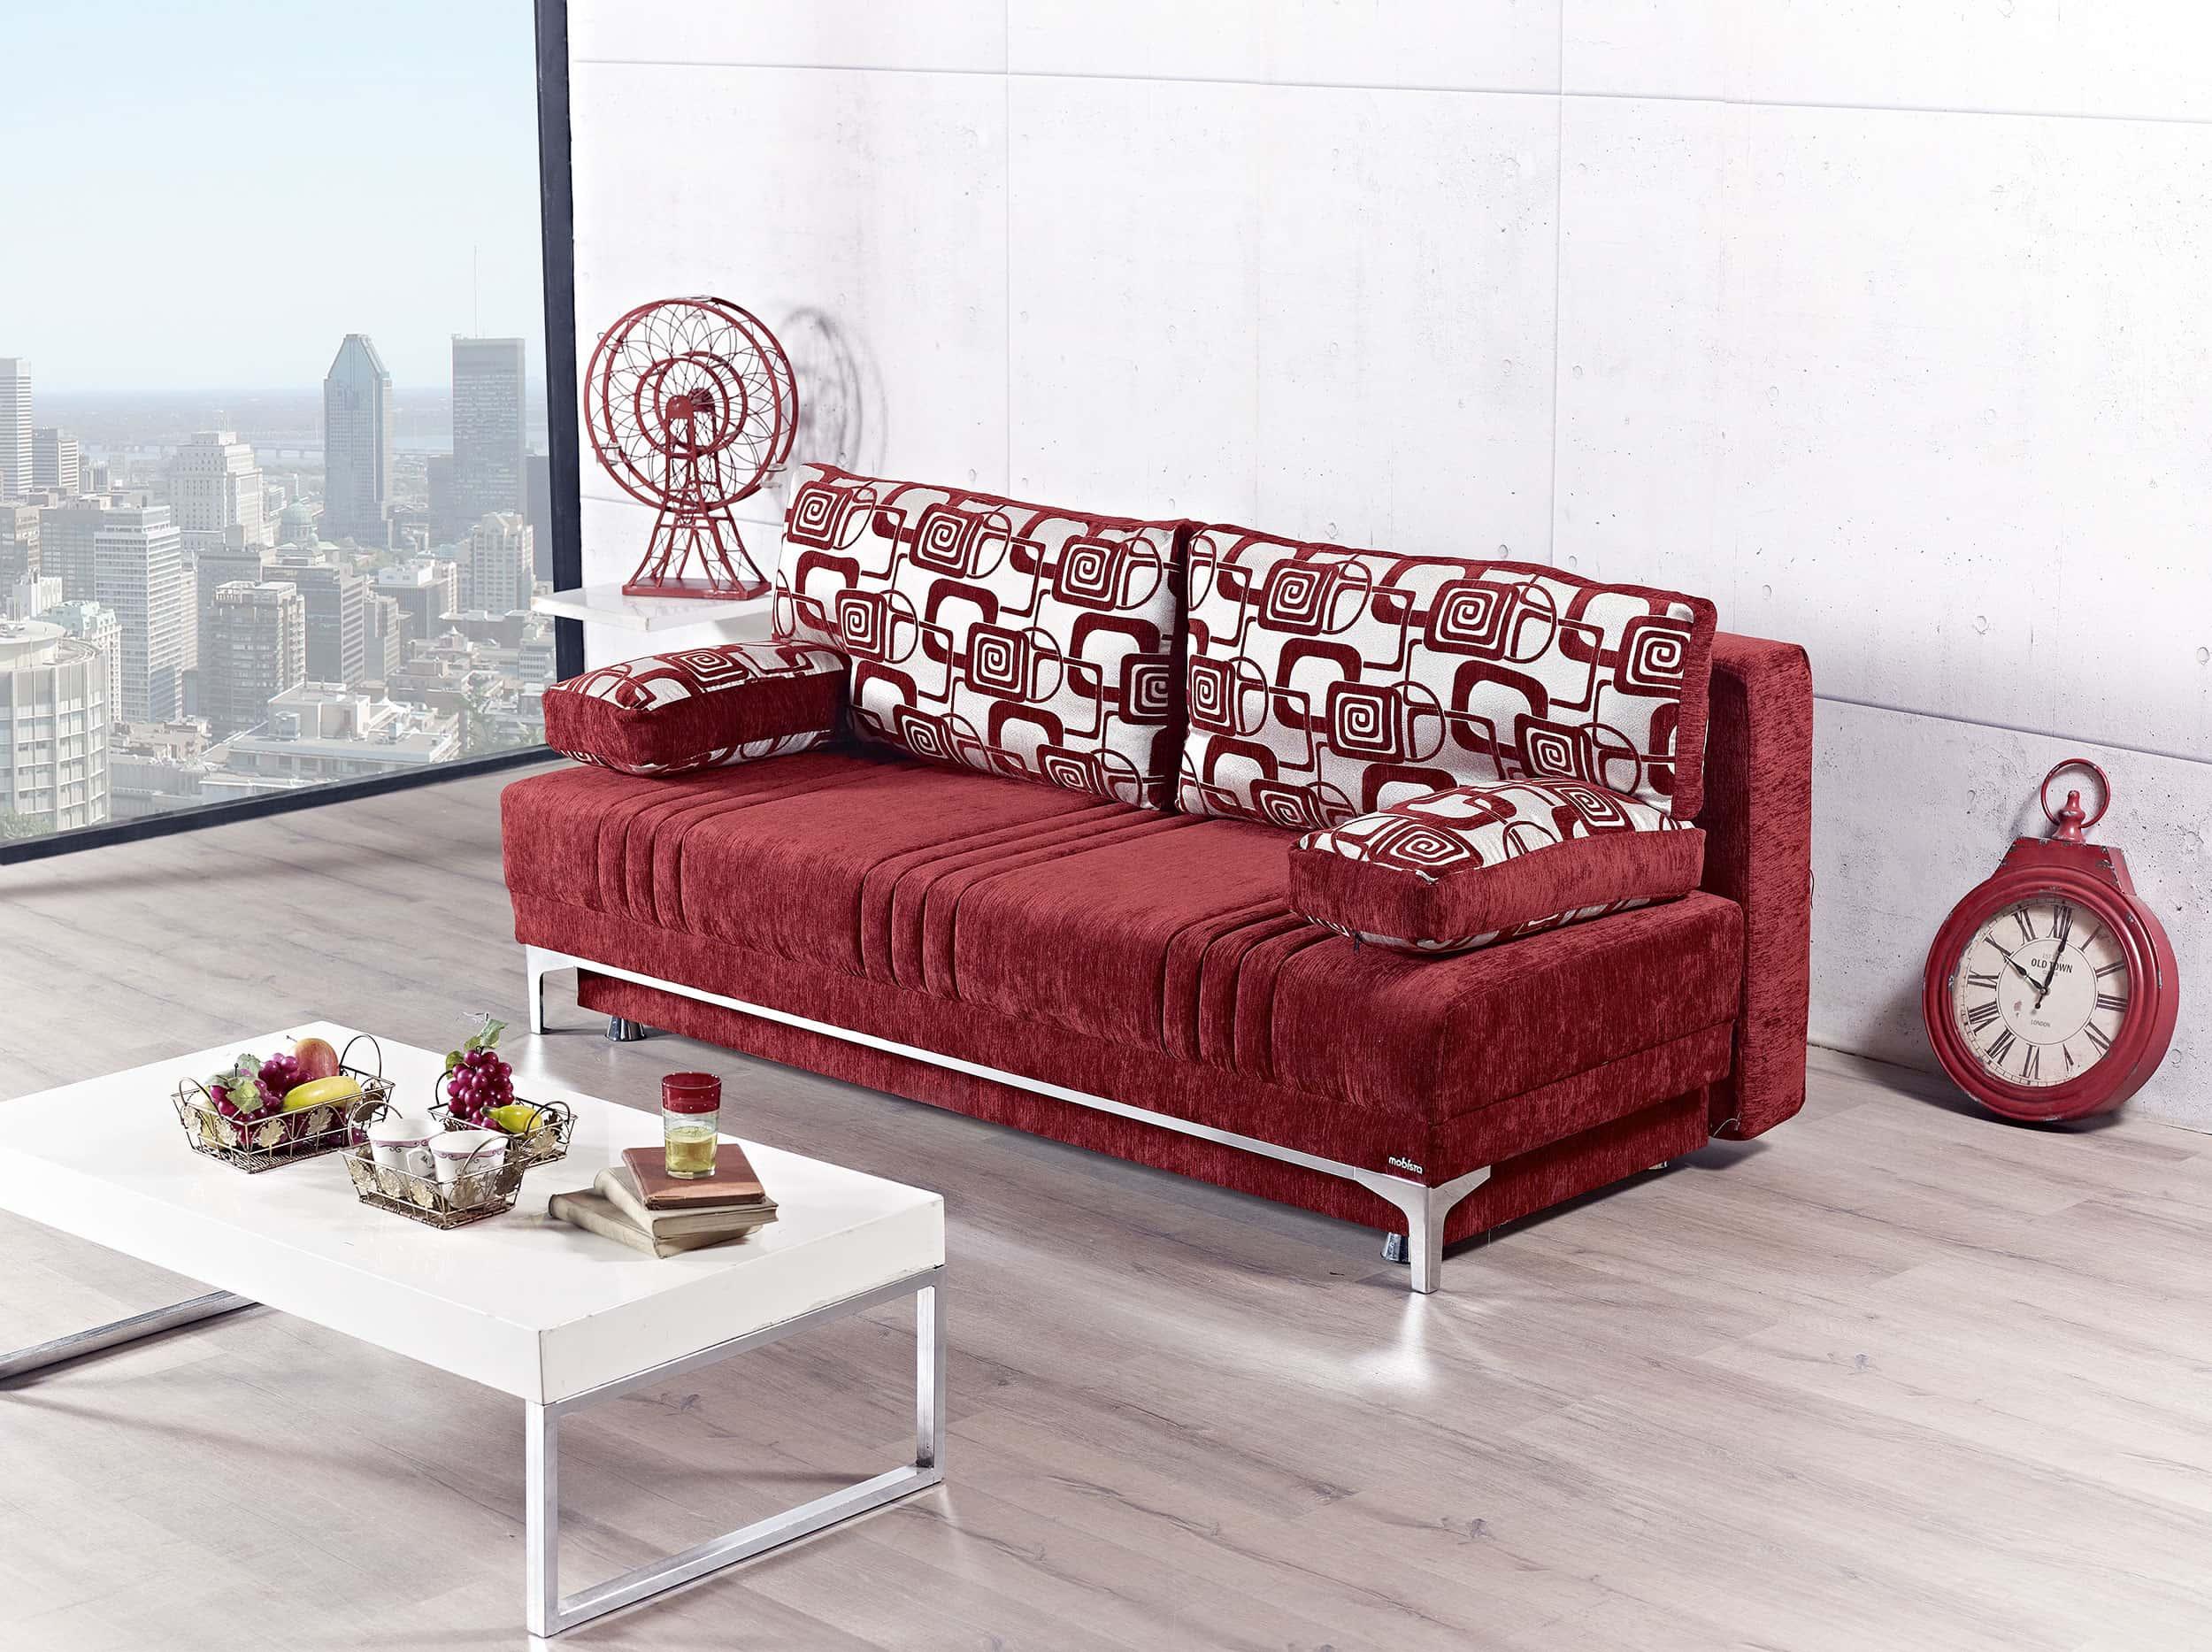 Europa Vigo Burgundy Plain Queen Size Sofa Bed By Mobista